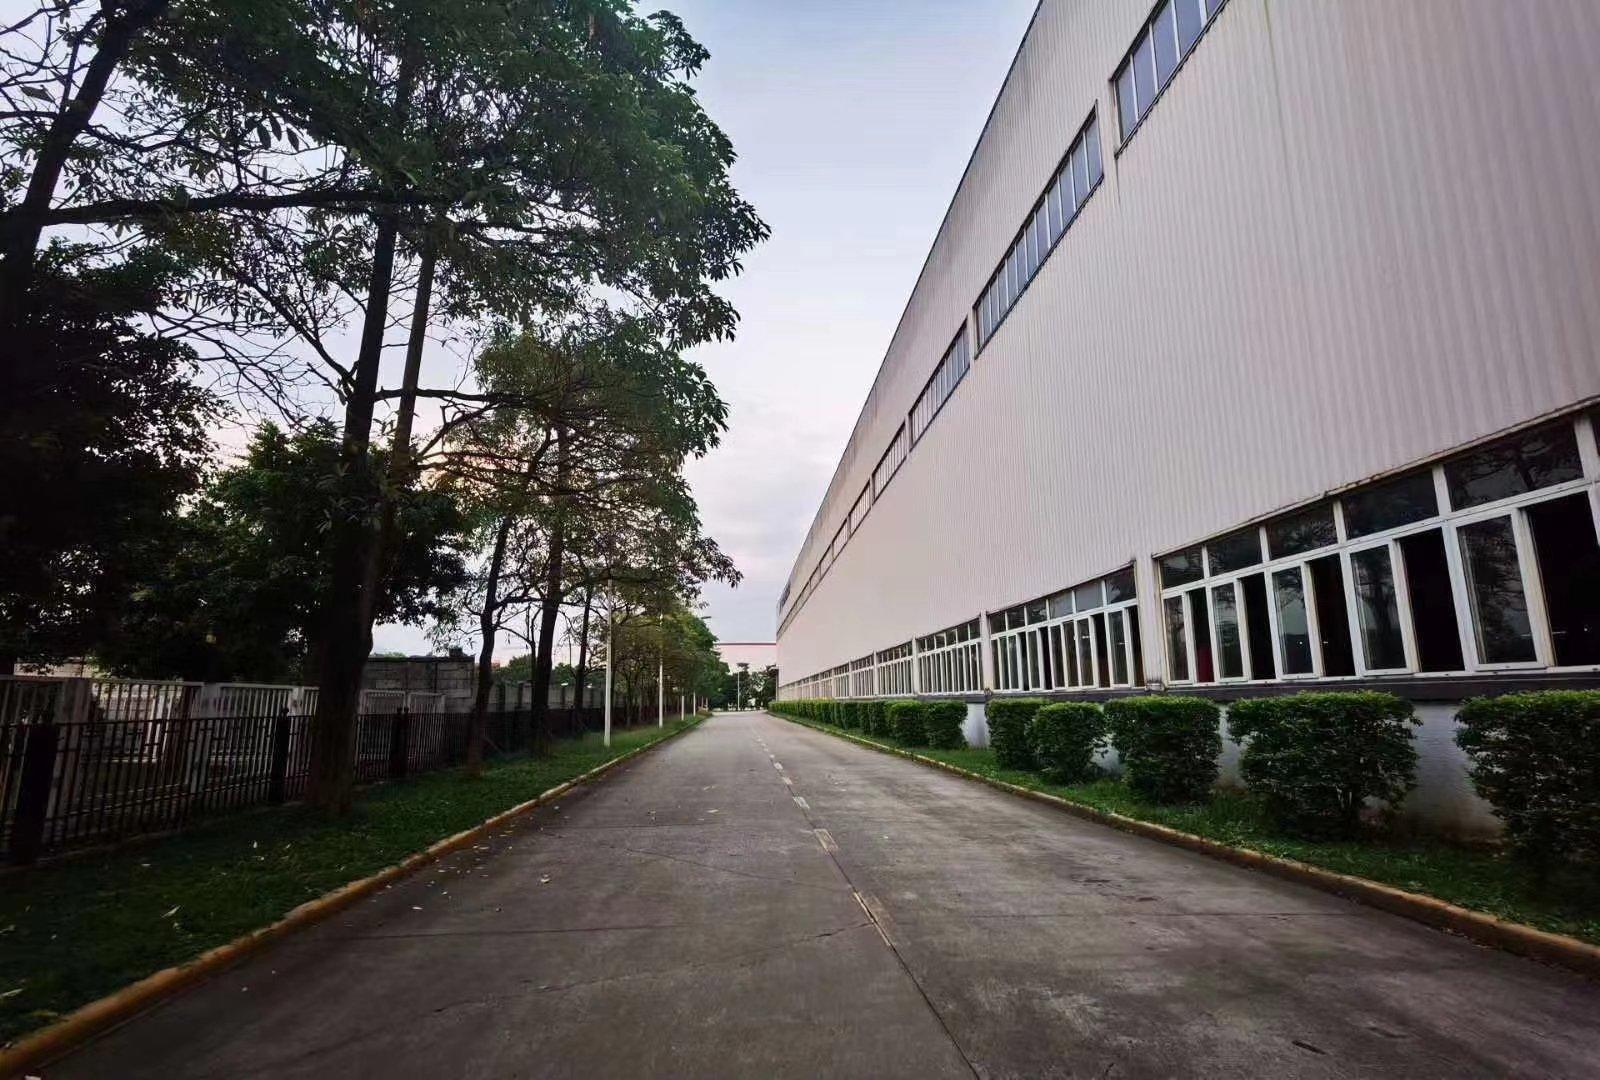 肇庆高新区主干道旁全新红本厂房出售,企业外迁优选地